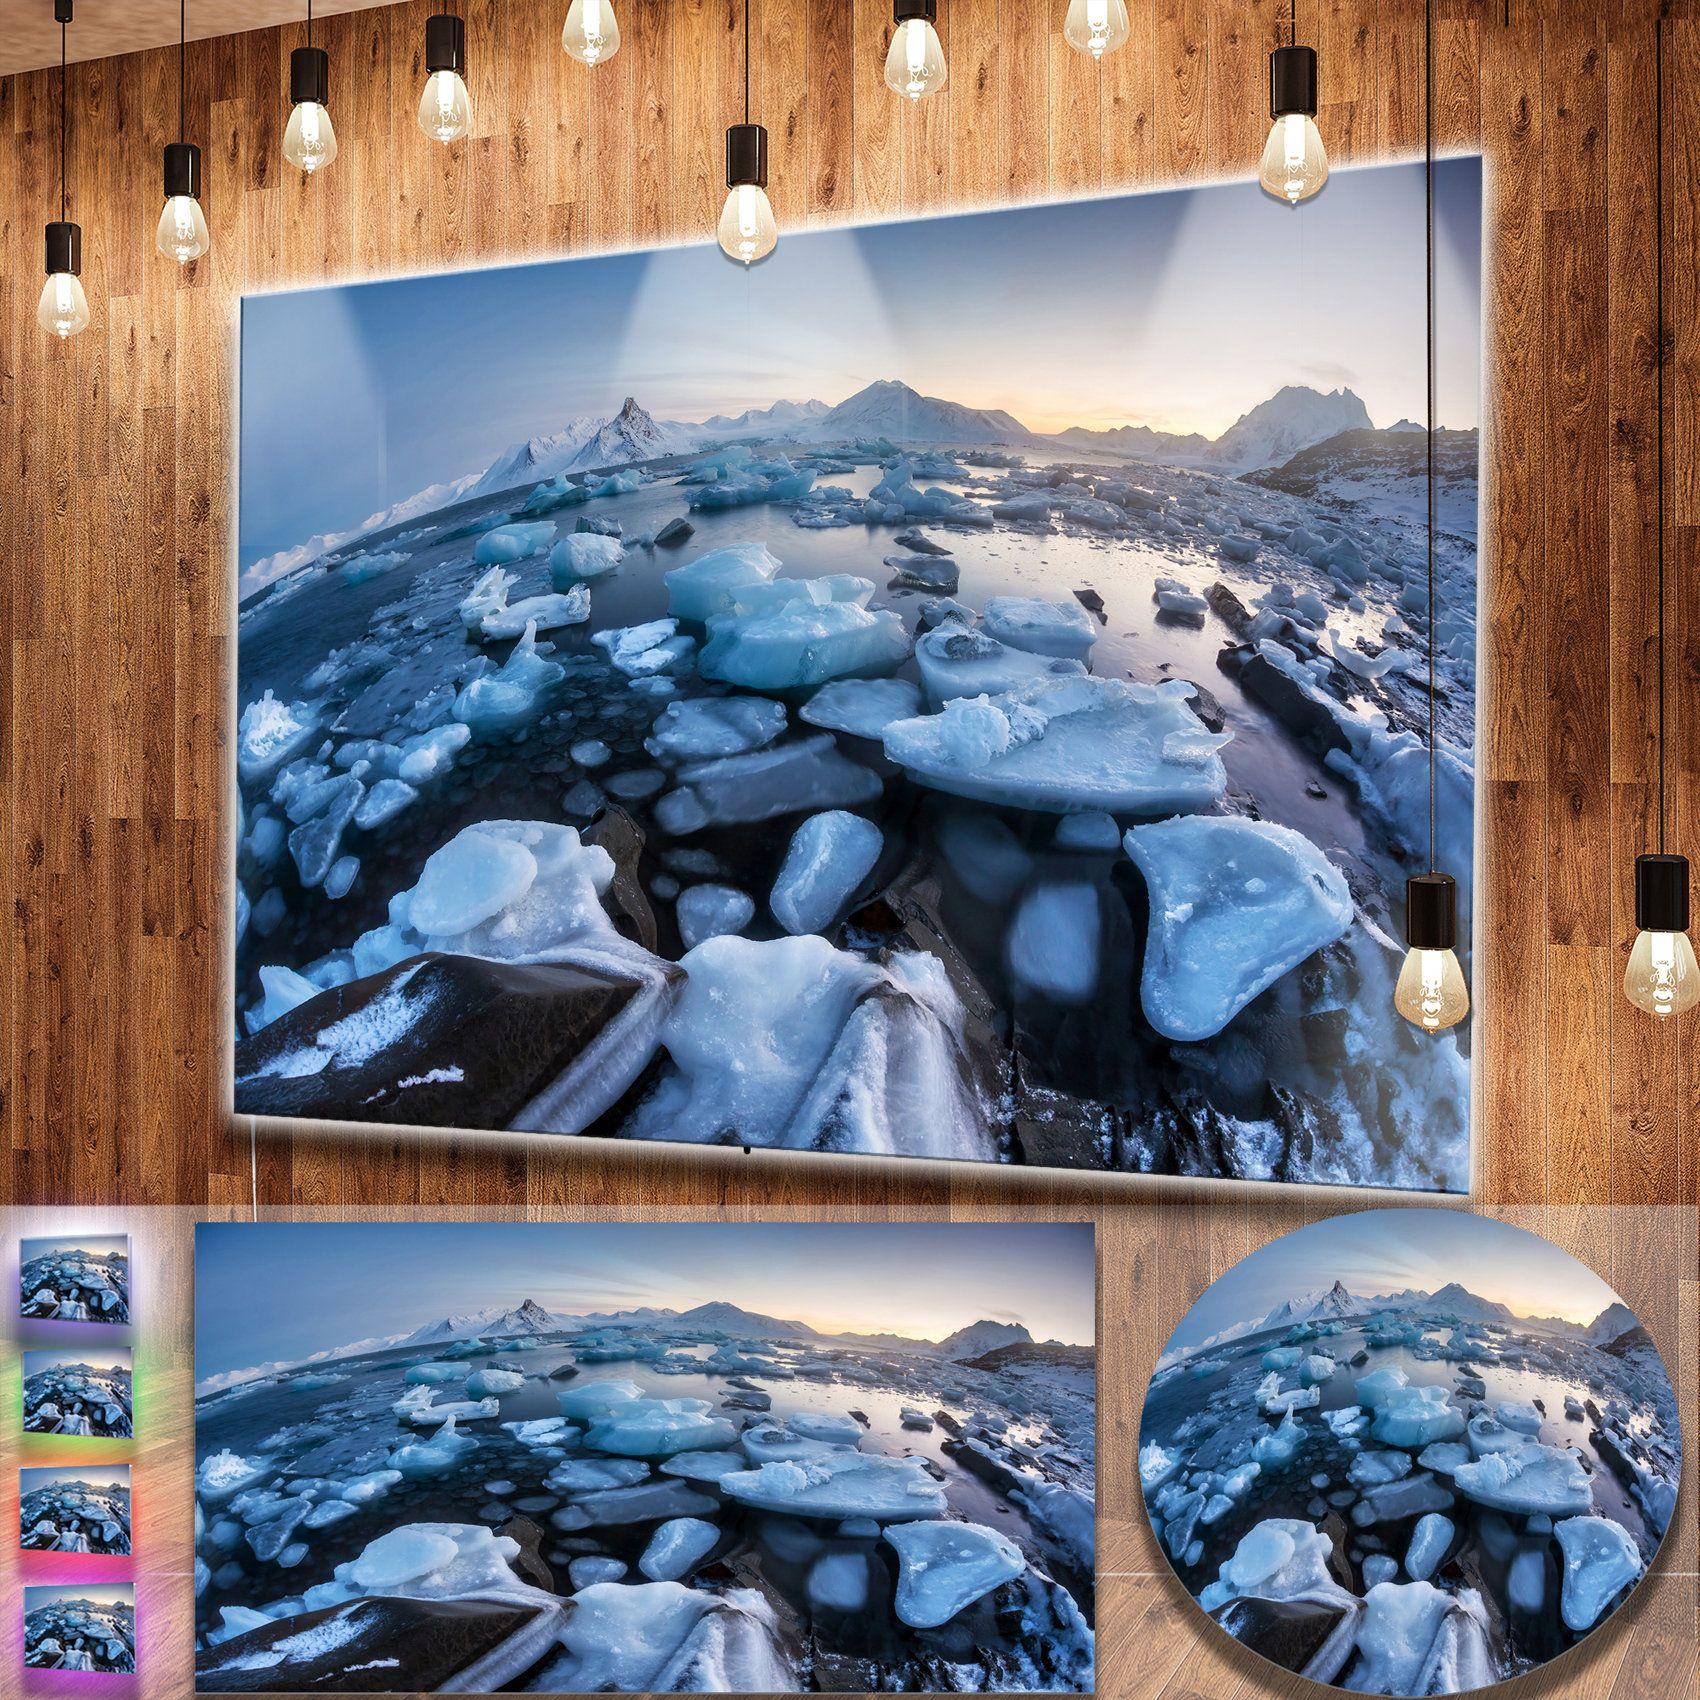 Designart uunusual arctic ice landscapeu seashore metal wall art